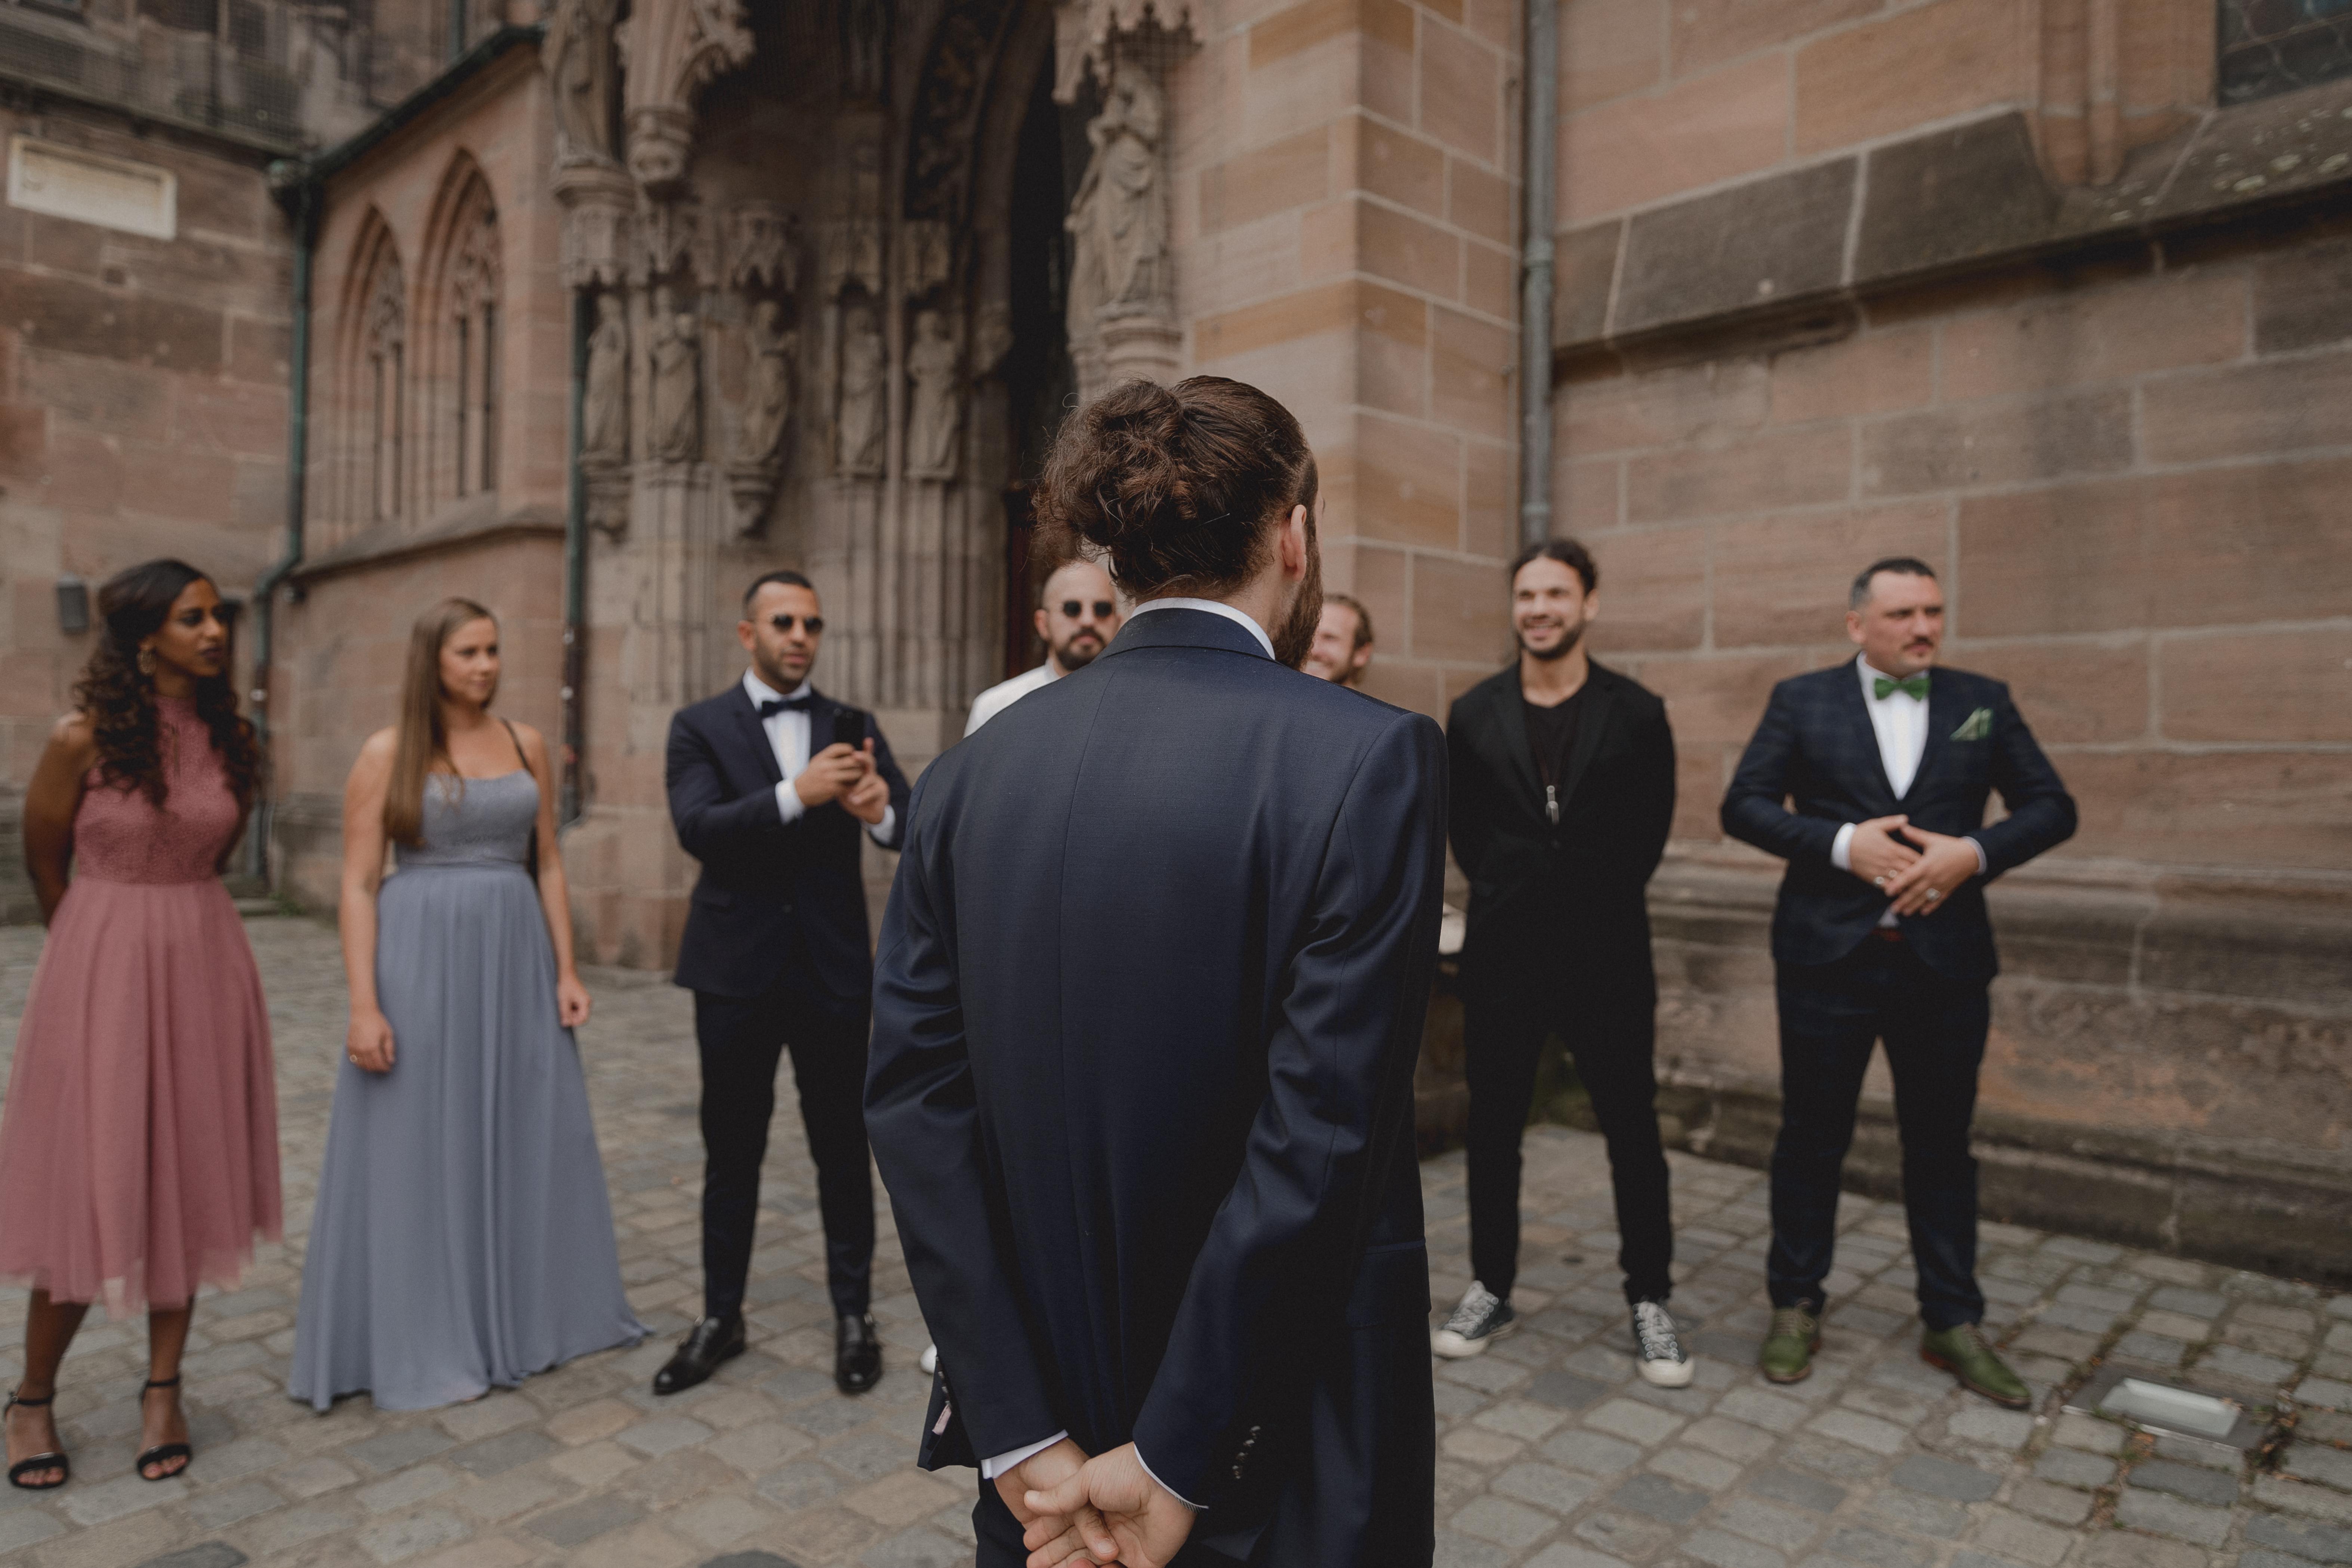 Hochzeitsfotograf-Nuernberg-Bootshaus-Nicole-und-Kadhir-007